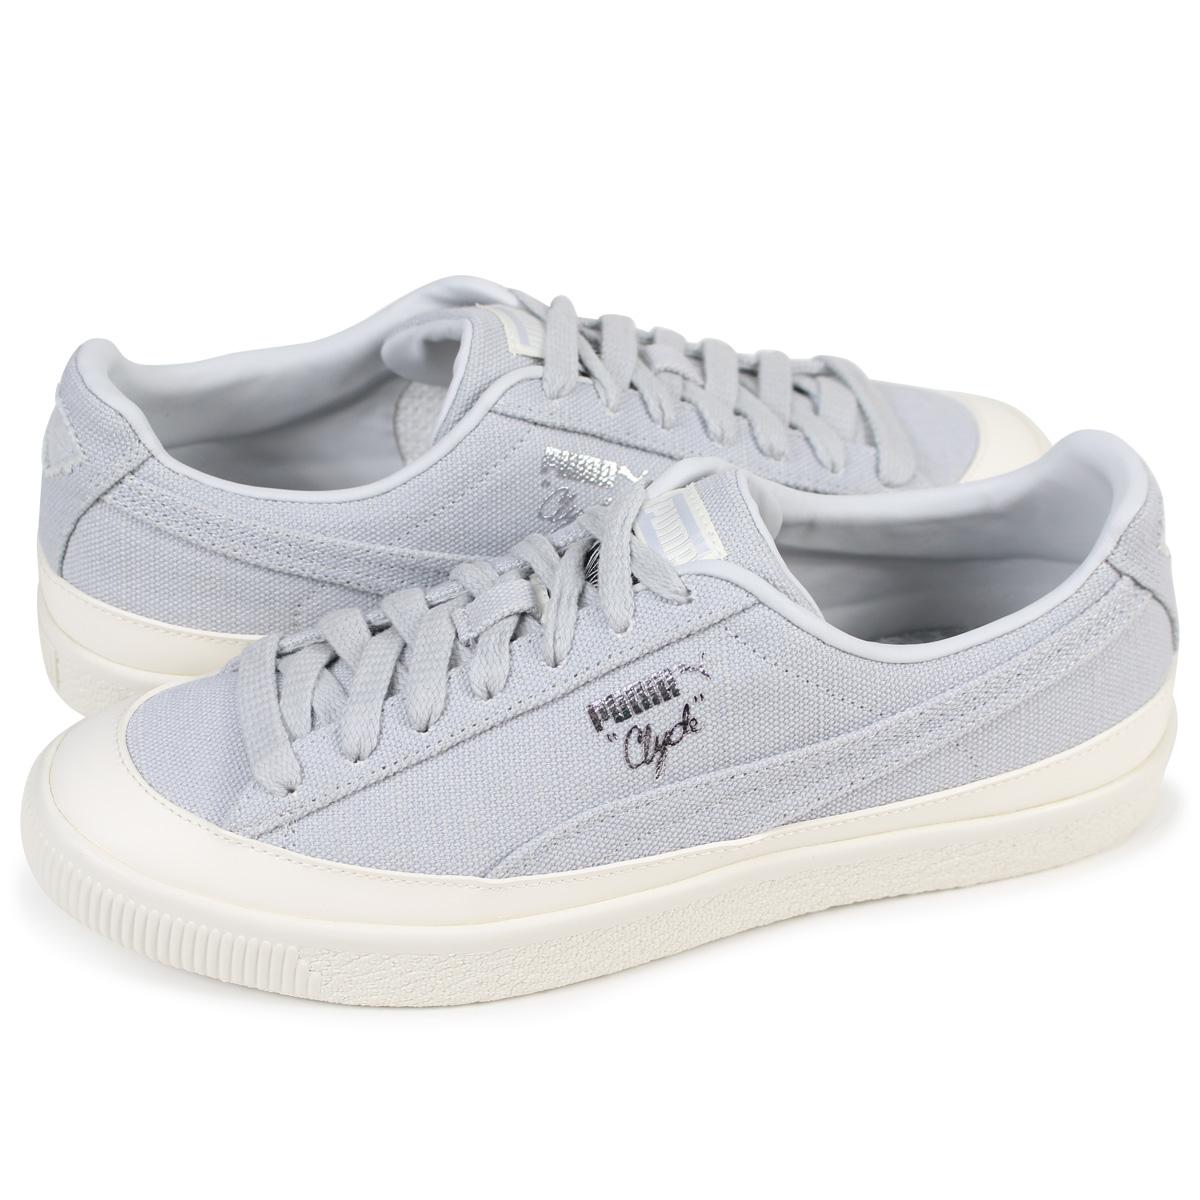 sneakers for cheap 6299e 6c619 PUMA CLYDE DIAMOND Puma Clyde sneakers men diamond supply collaboration  365,651-02 gray